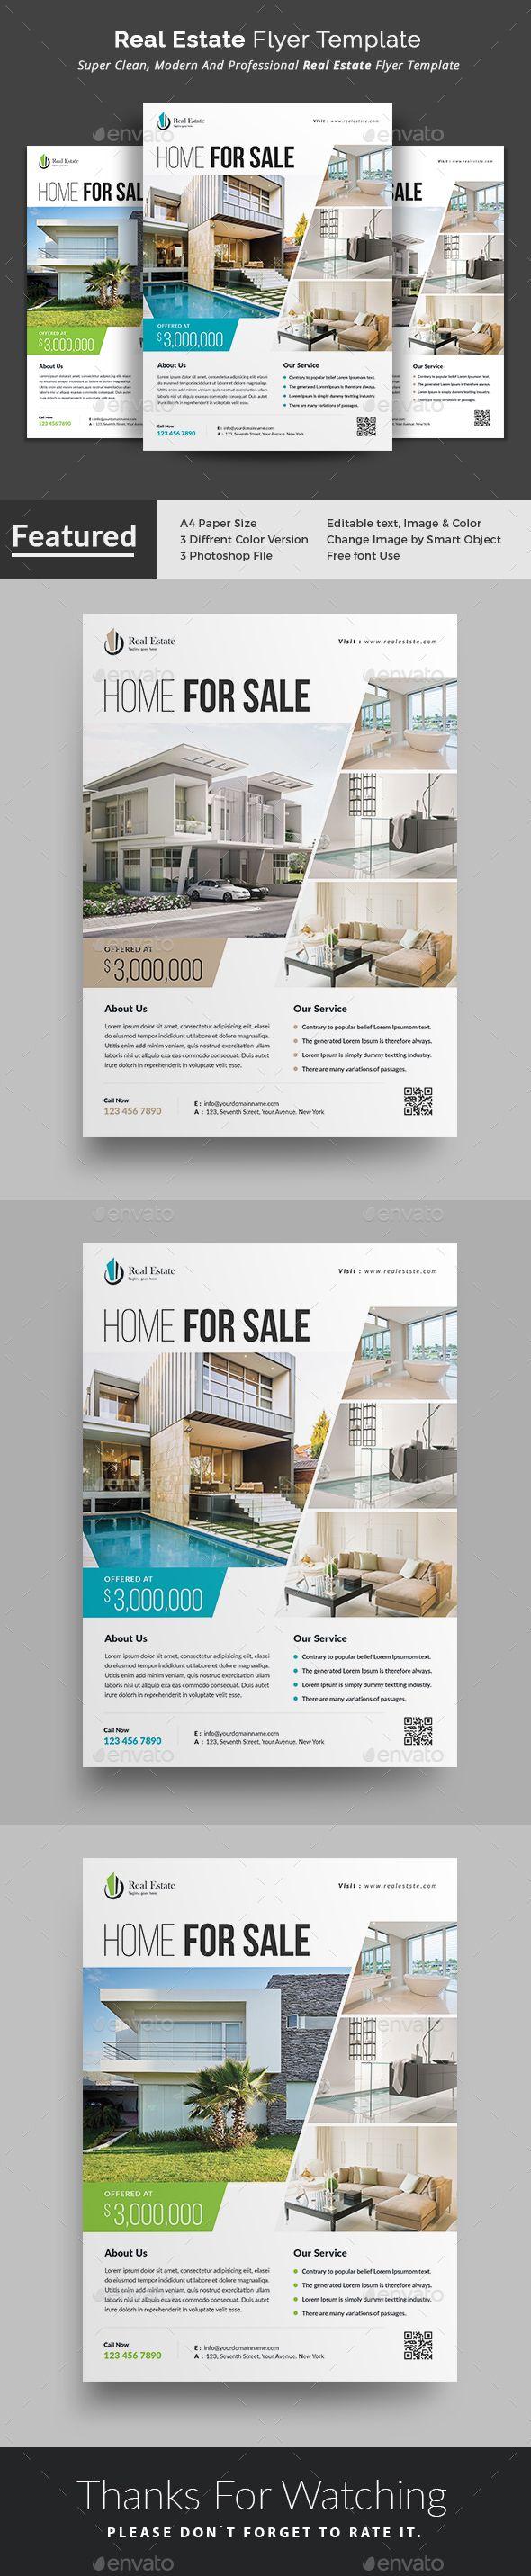 Real Estate Flyer Real Estate Flyers Flyer Template And Template - Photoshop real estate flyer templates